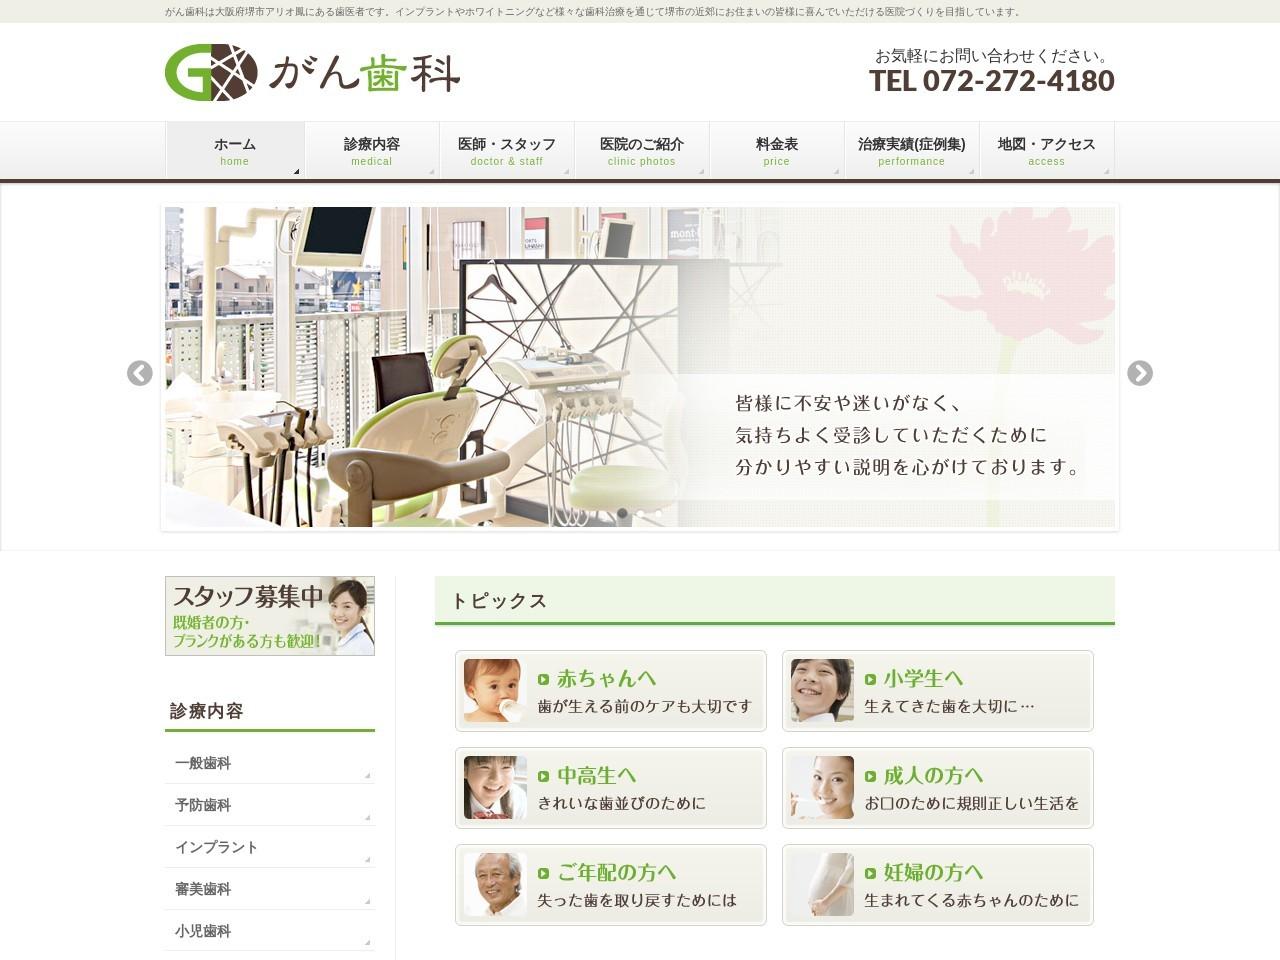 がん歯科 (大阪府堺市西区)